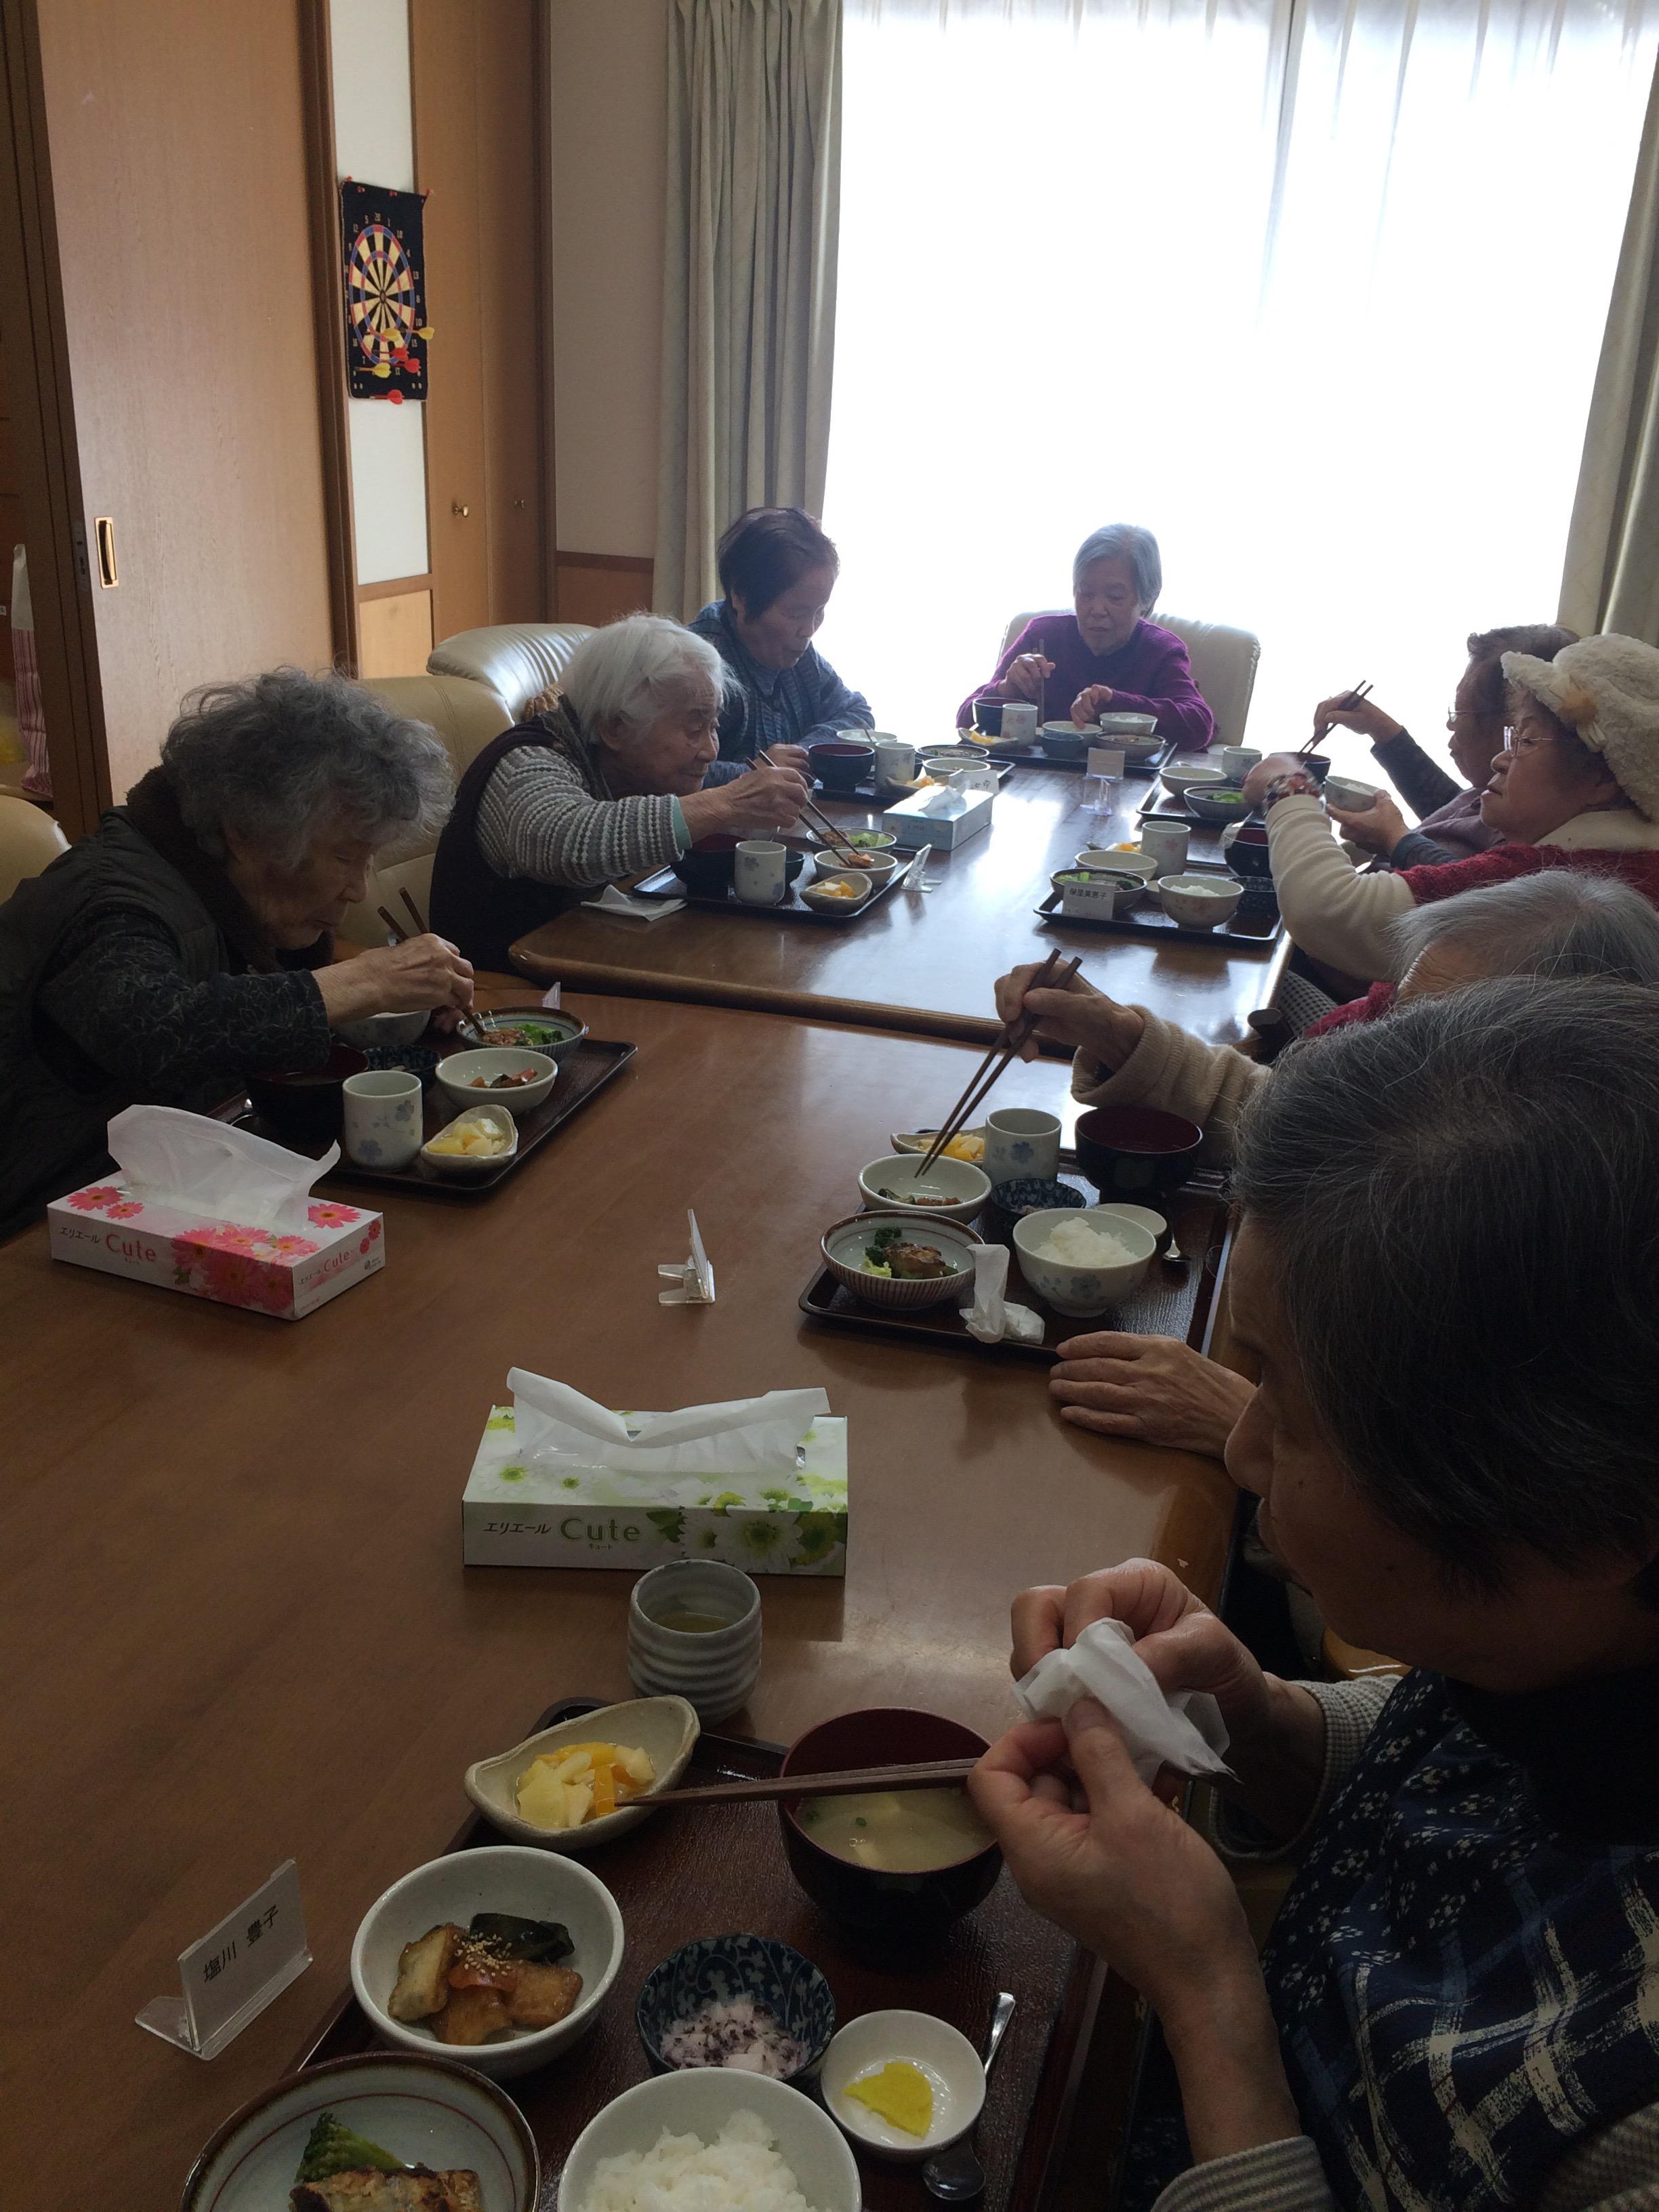 img 0165 - さくら館のお昼ごはん🍚🌸だぜぇ〜〜〜♪